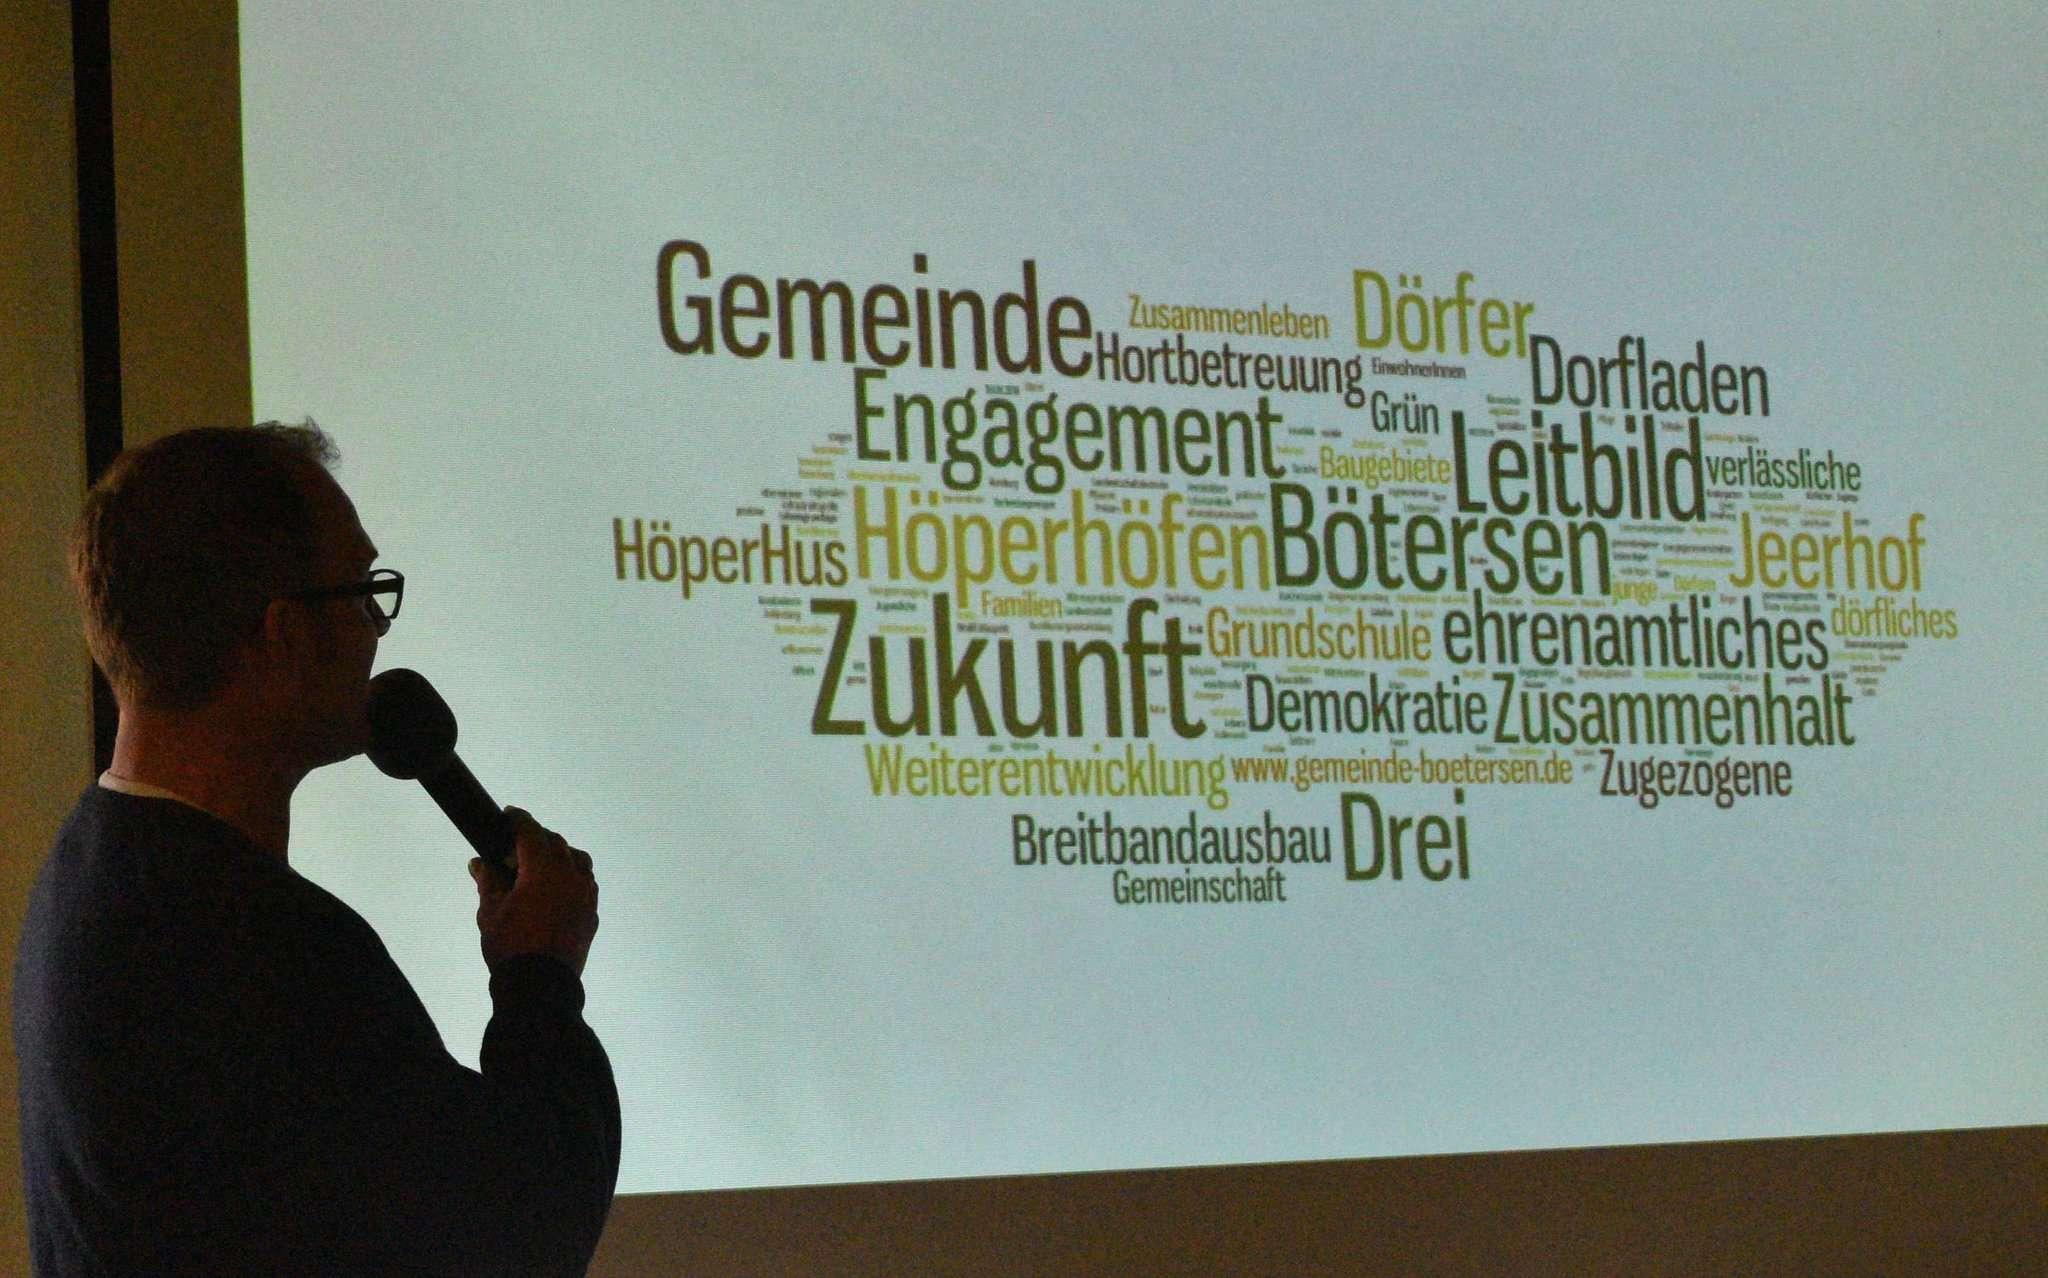 Cord Trefke stellt eine Schlagwortgrafik vor, die Werte verdeutlichen soll, welche das Leitbild aufgreift.